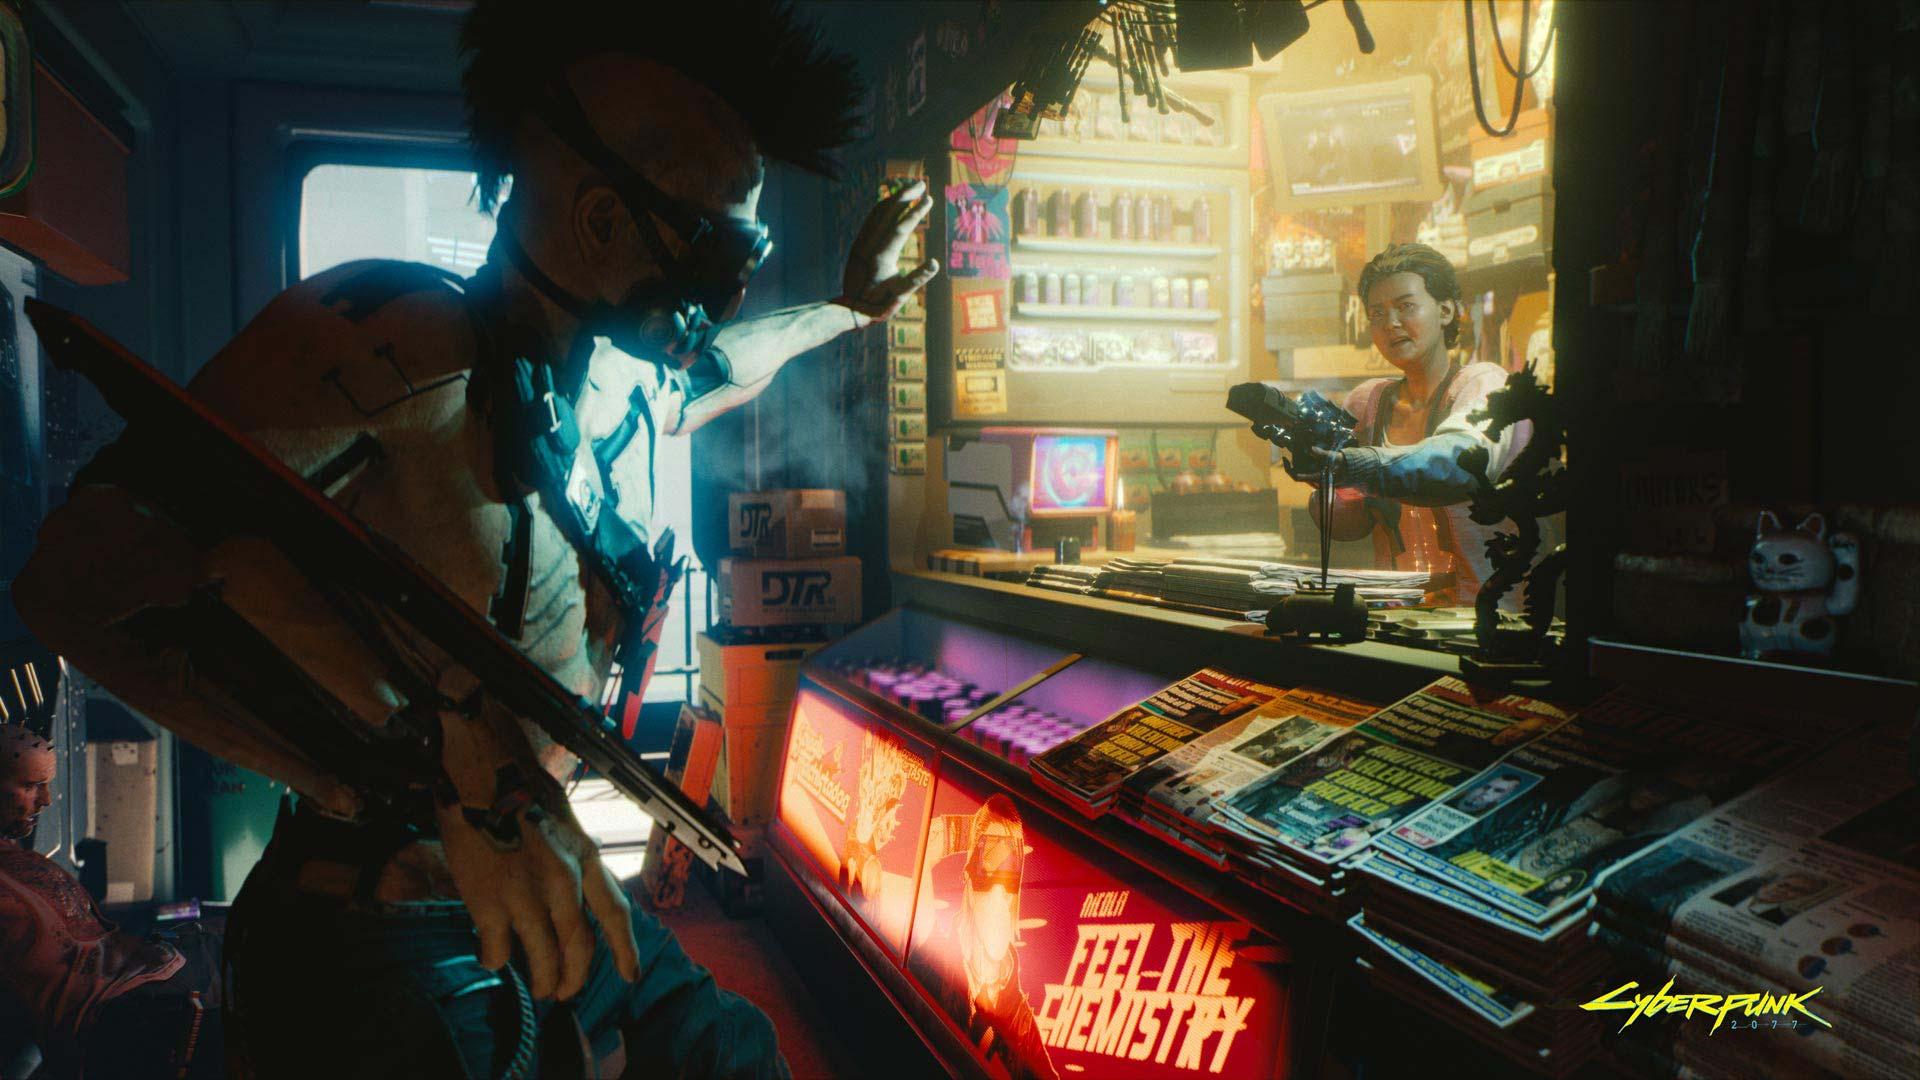 Cyberpunk 2077: Store Attack